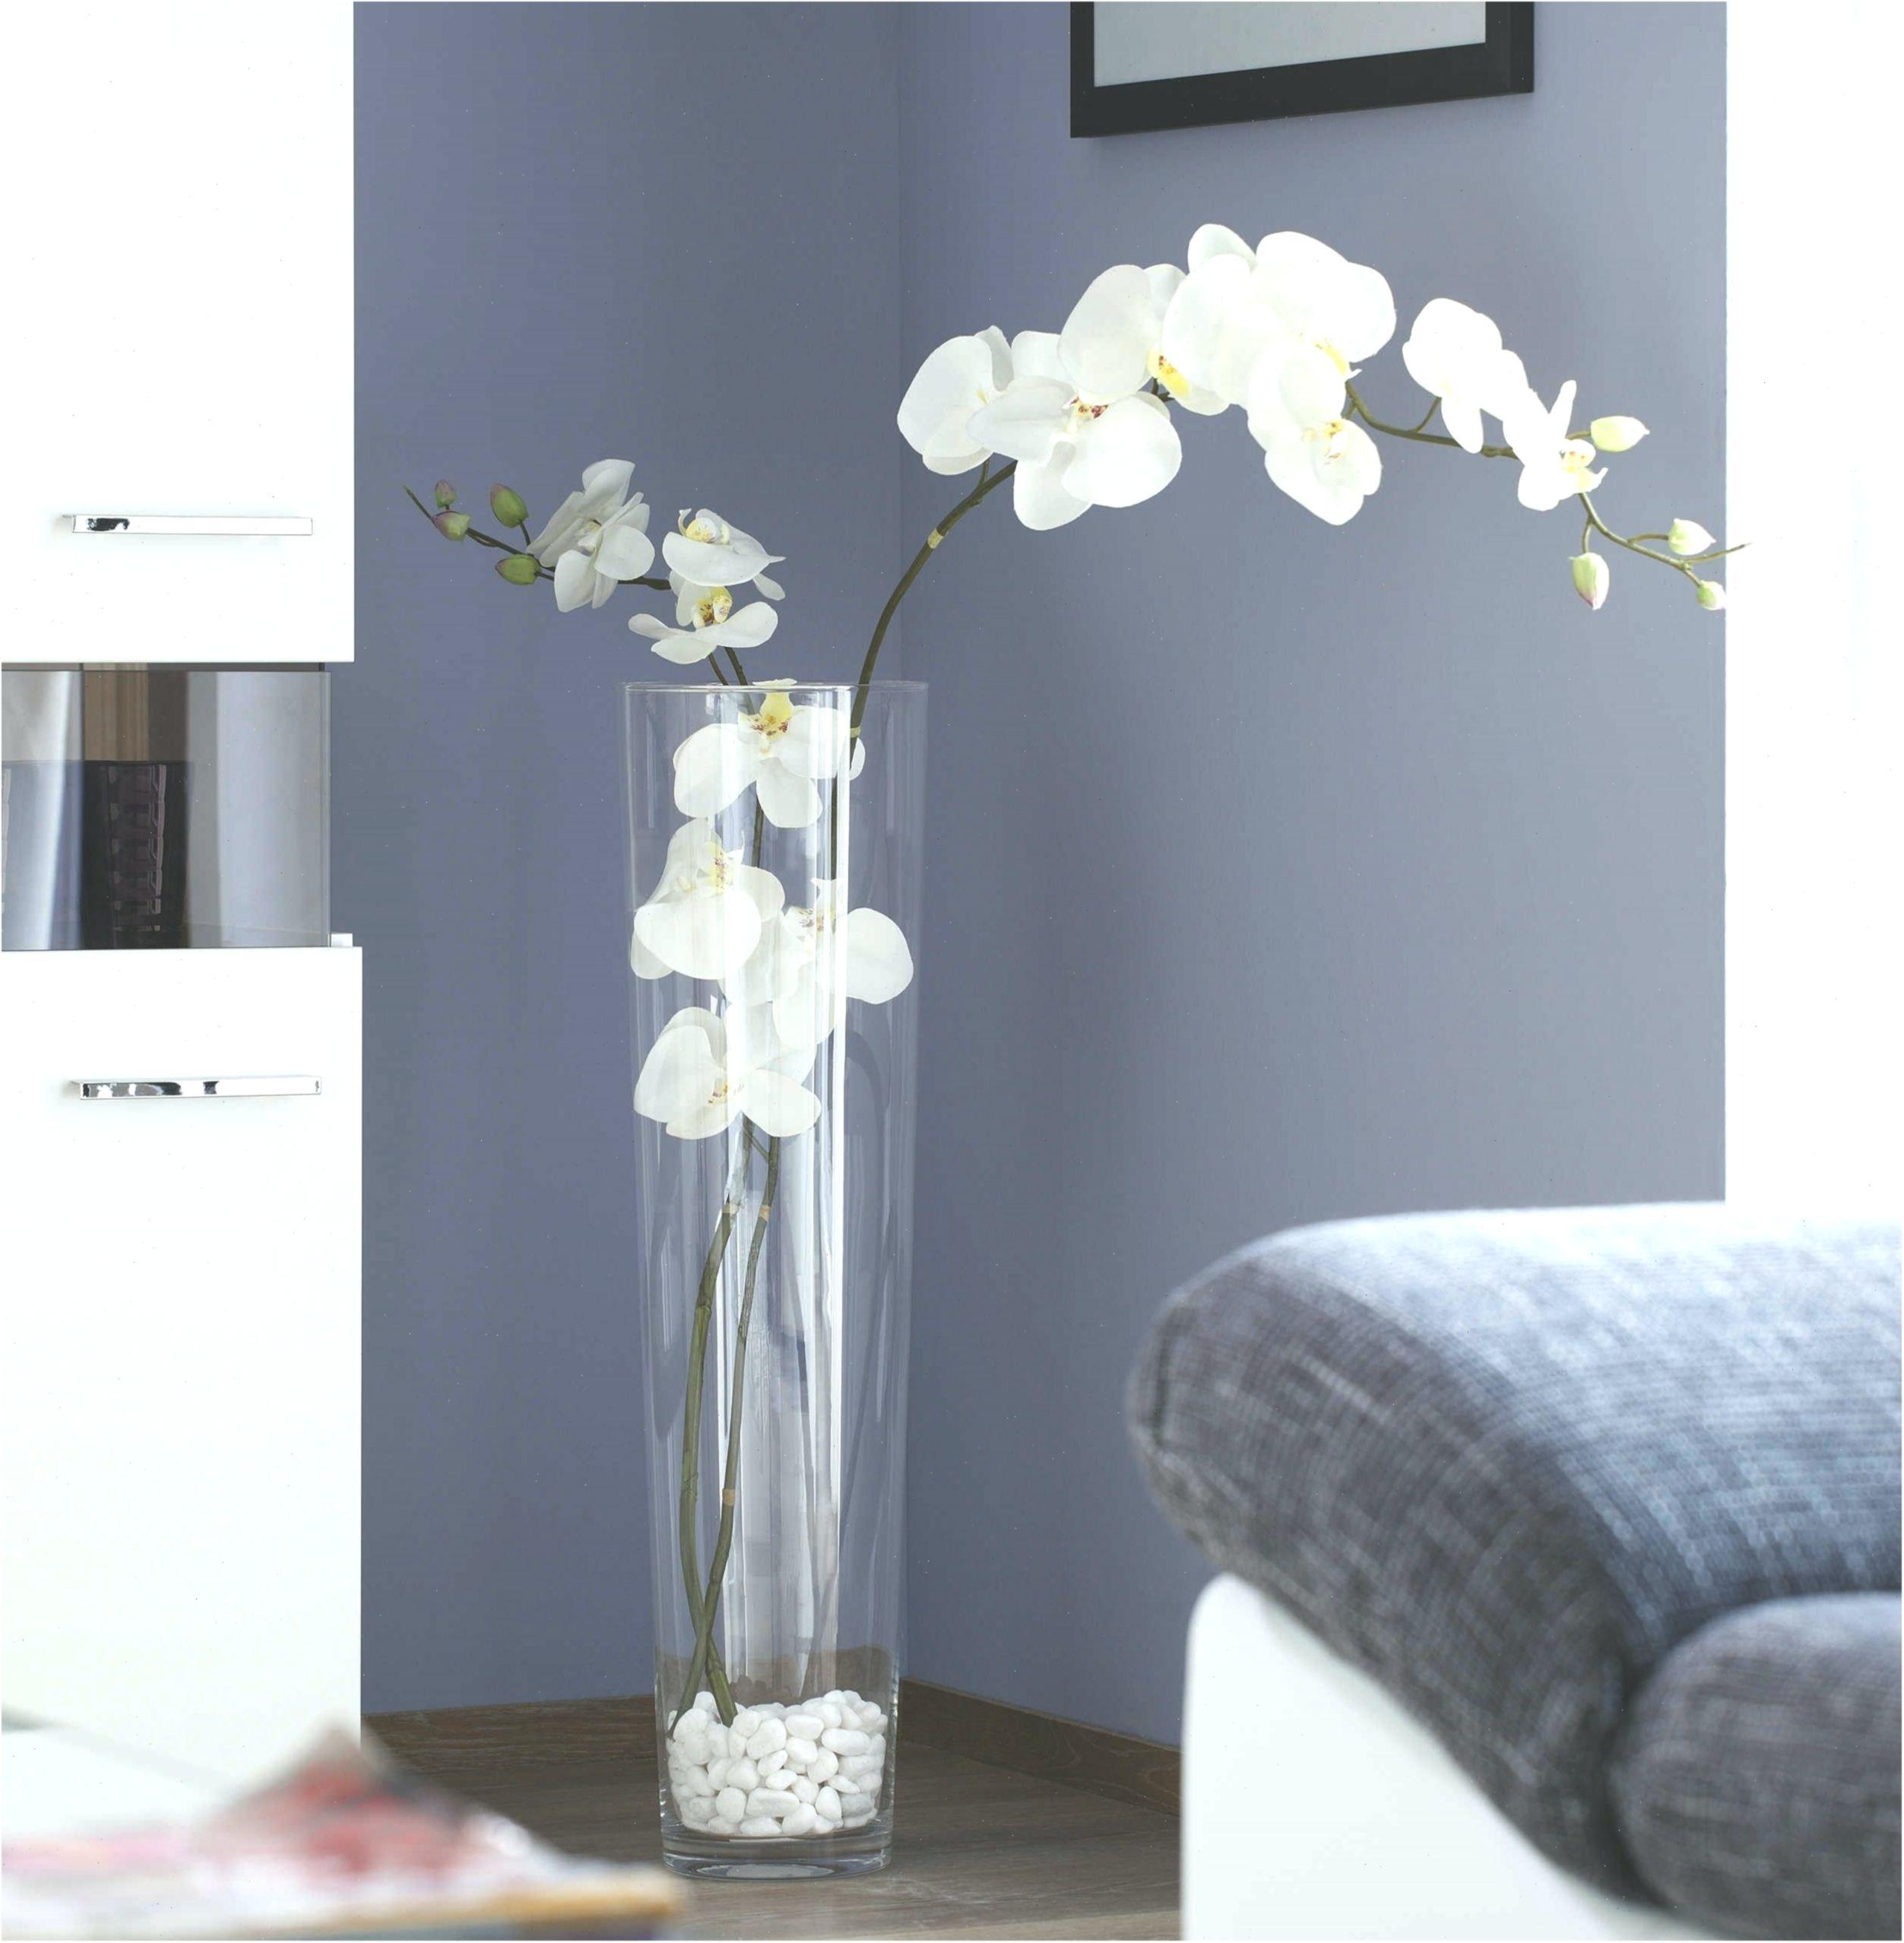 deko vasen für wohnzimmer #umfunktionierteSpiegelideen #Deko #fr